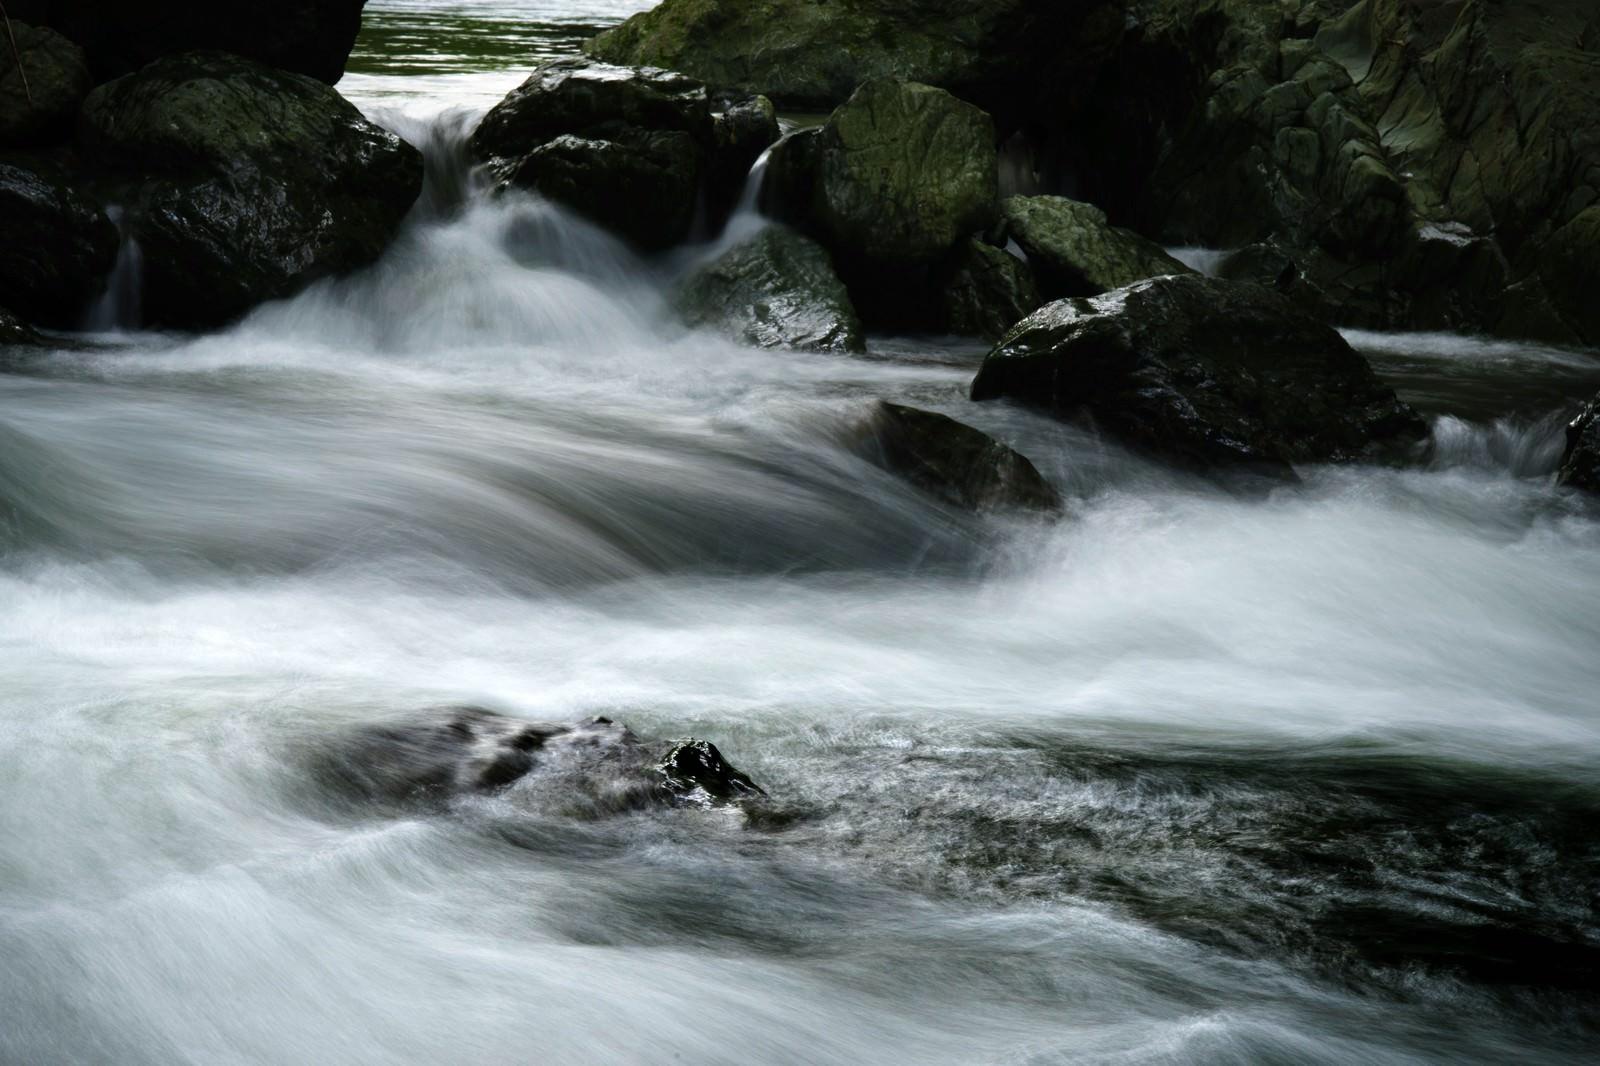 「御荷鉾緑色岩類(みかぶりょくしょくがんるい)と三波渓谷」の写真